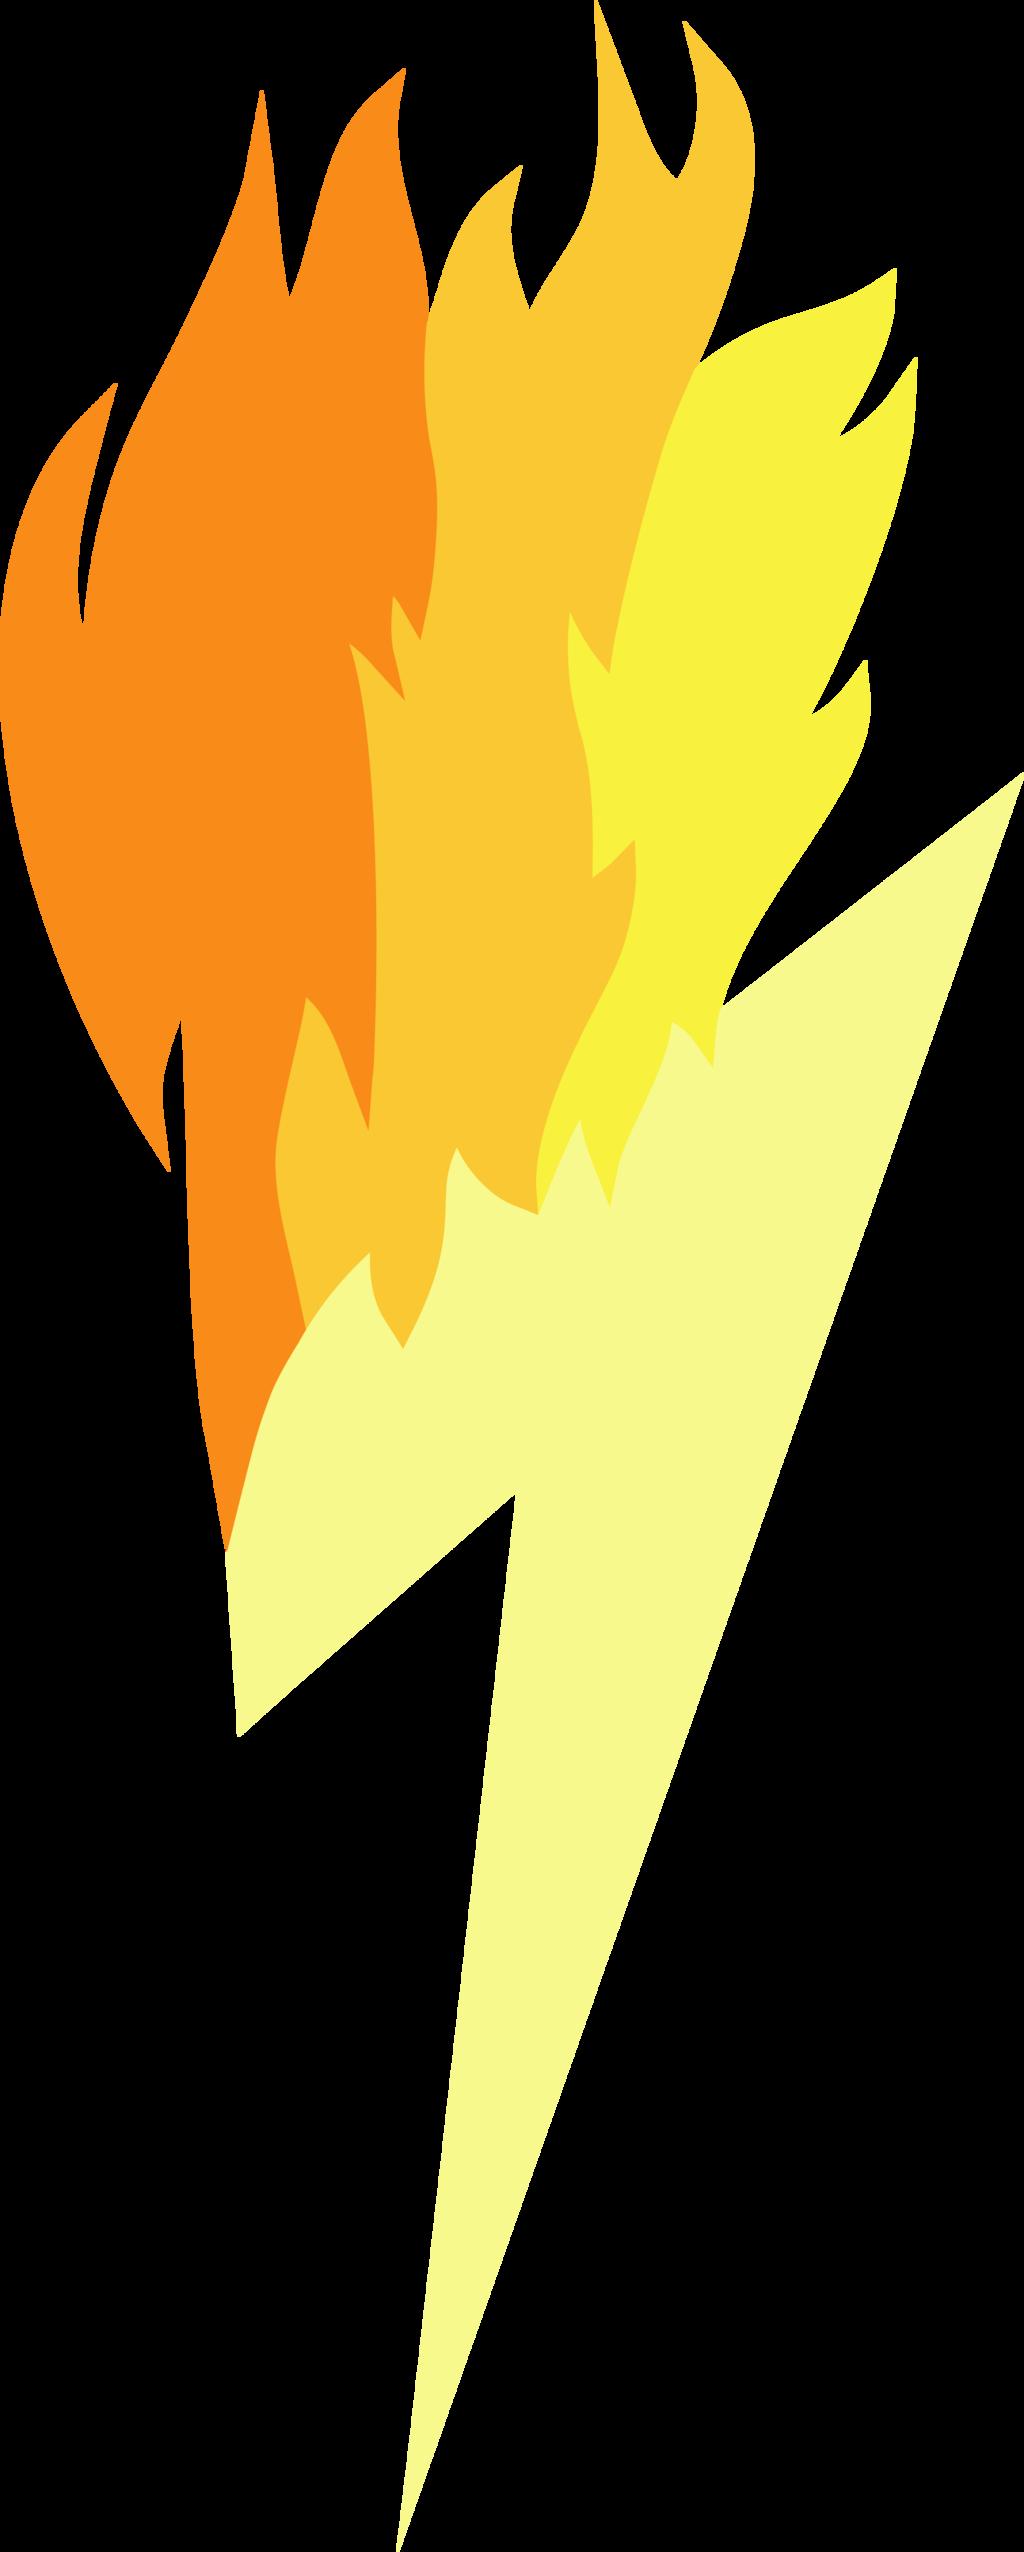 916362 Cutie Mark Fire Safe Simple Background Spitfire